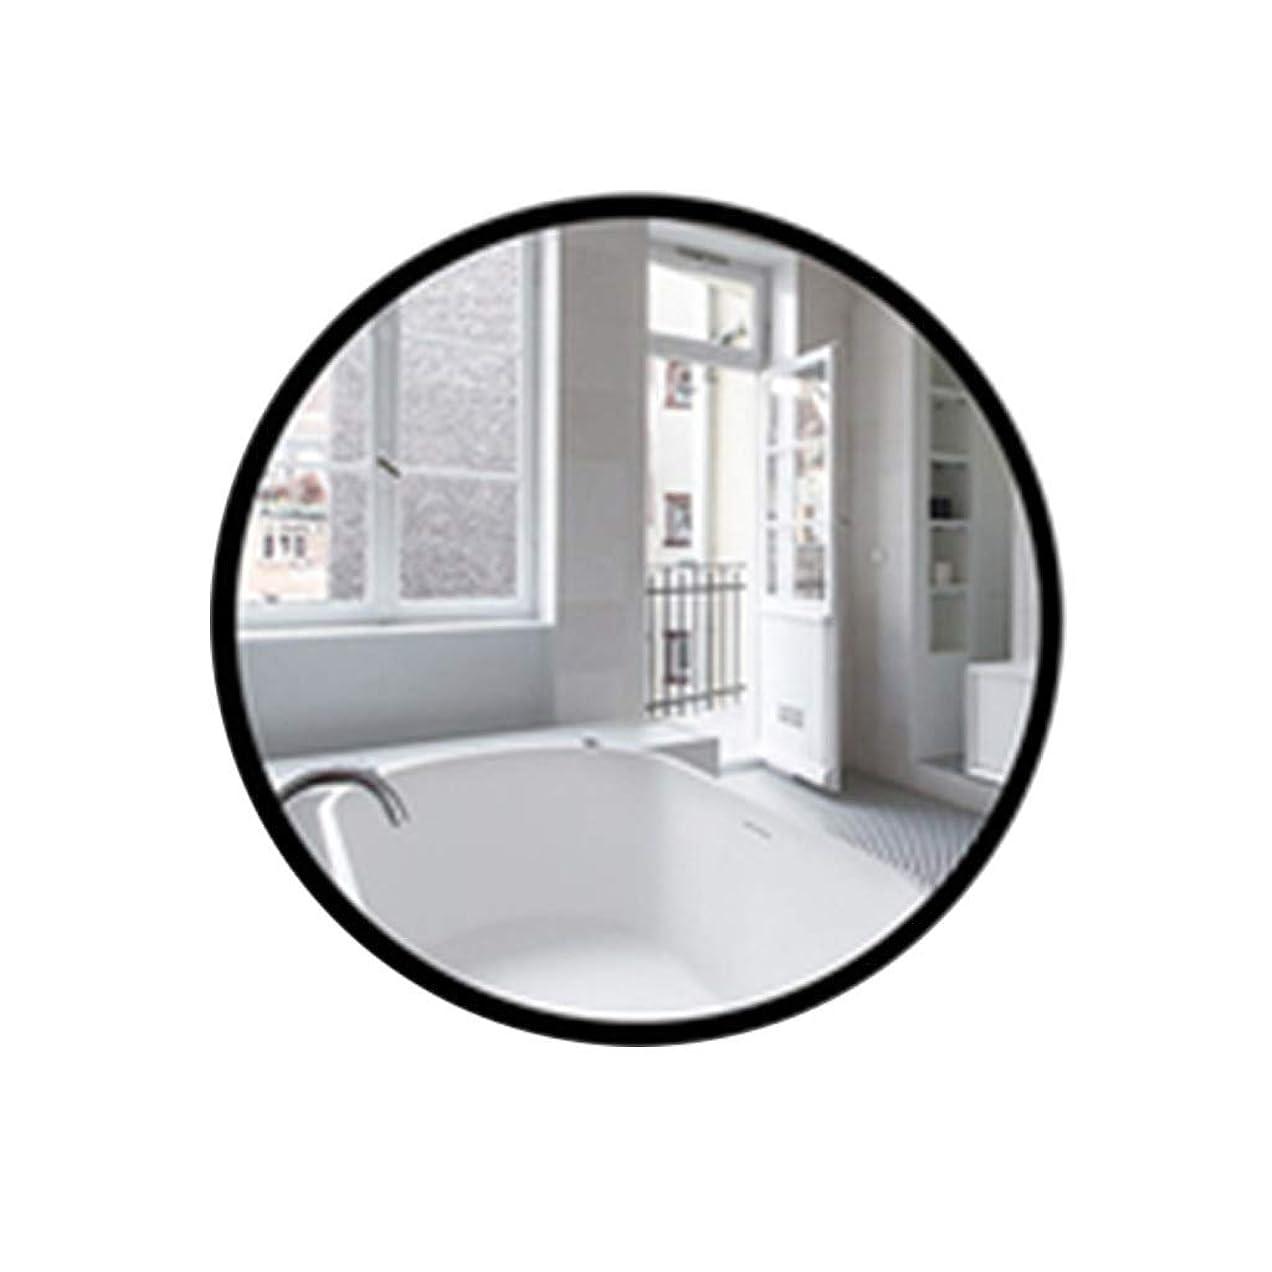 再生動脈走るTYJ-JP 鏡浴室用鏡ガラス鏡円形鏡 HD化粧鏡北欧風鏡浴室壁鏡パンチフリーガラス鏡 (Color : Black, Size : 50*50cm)